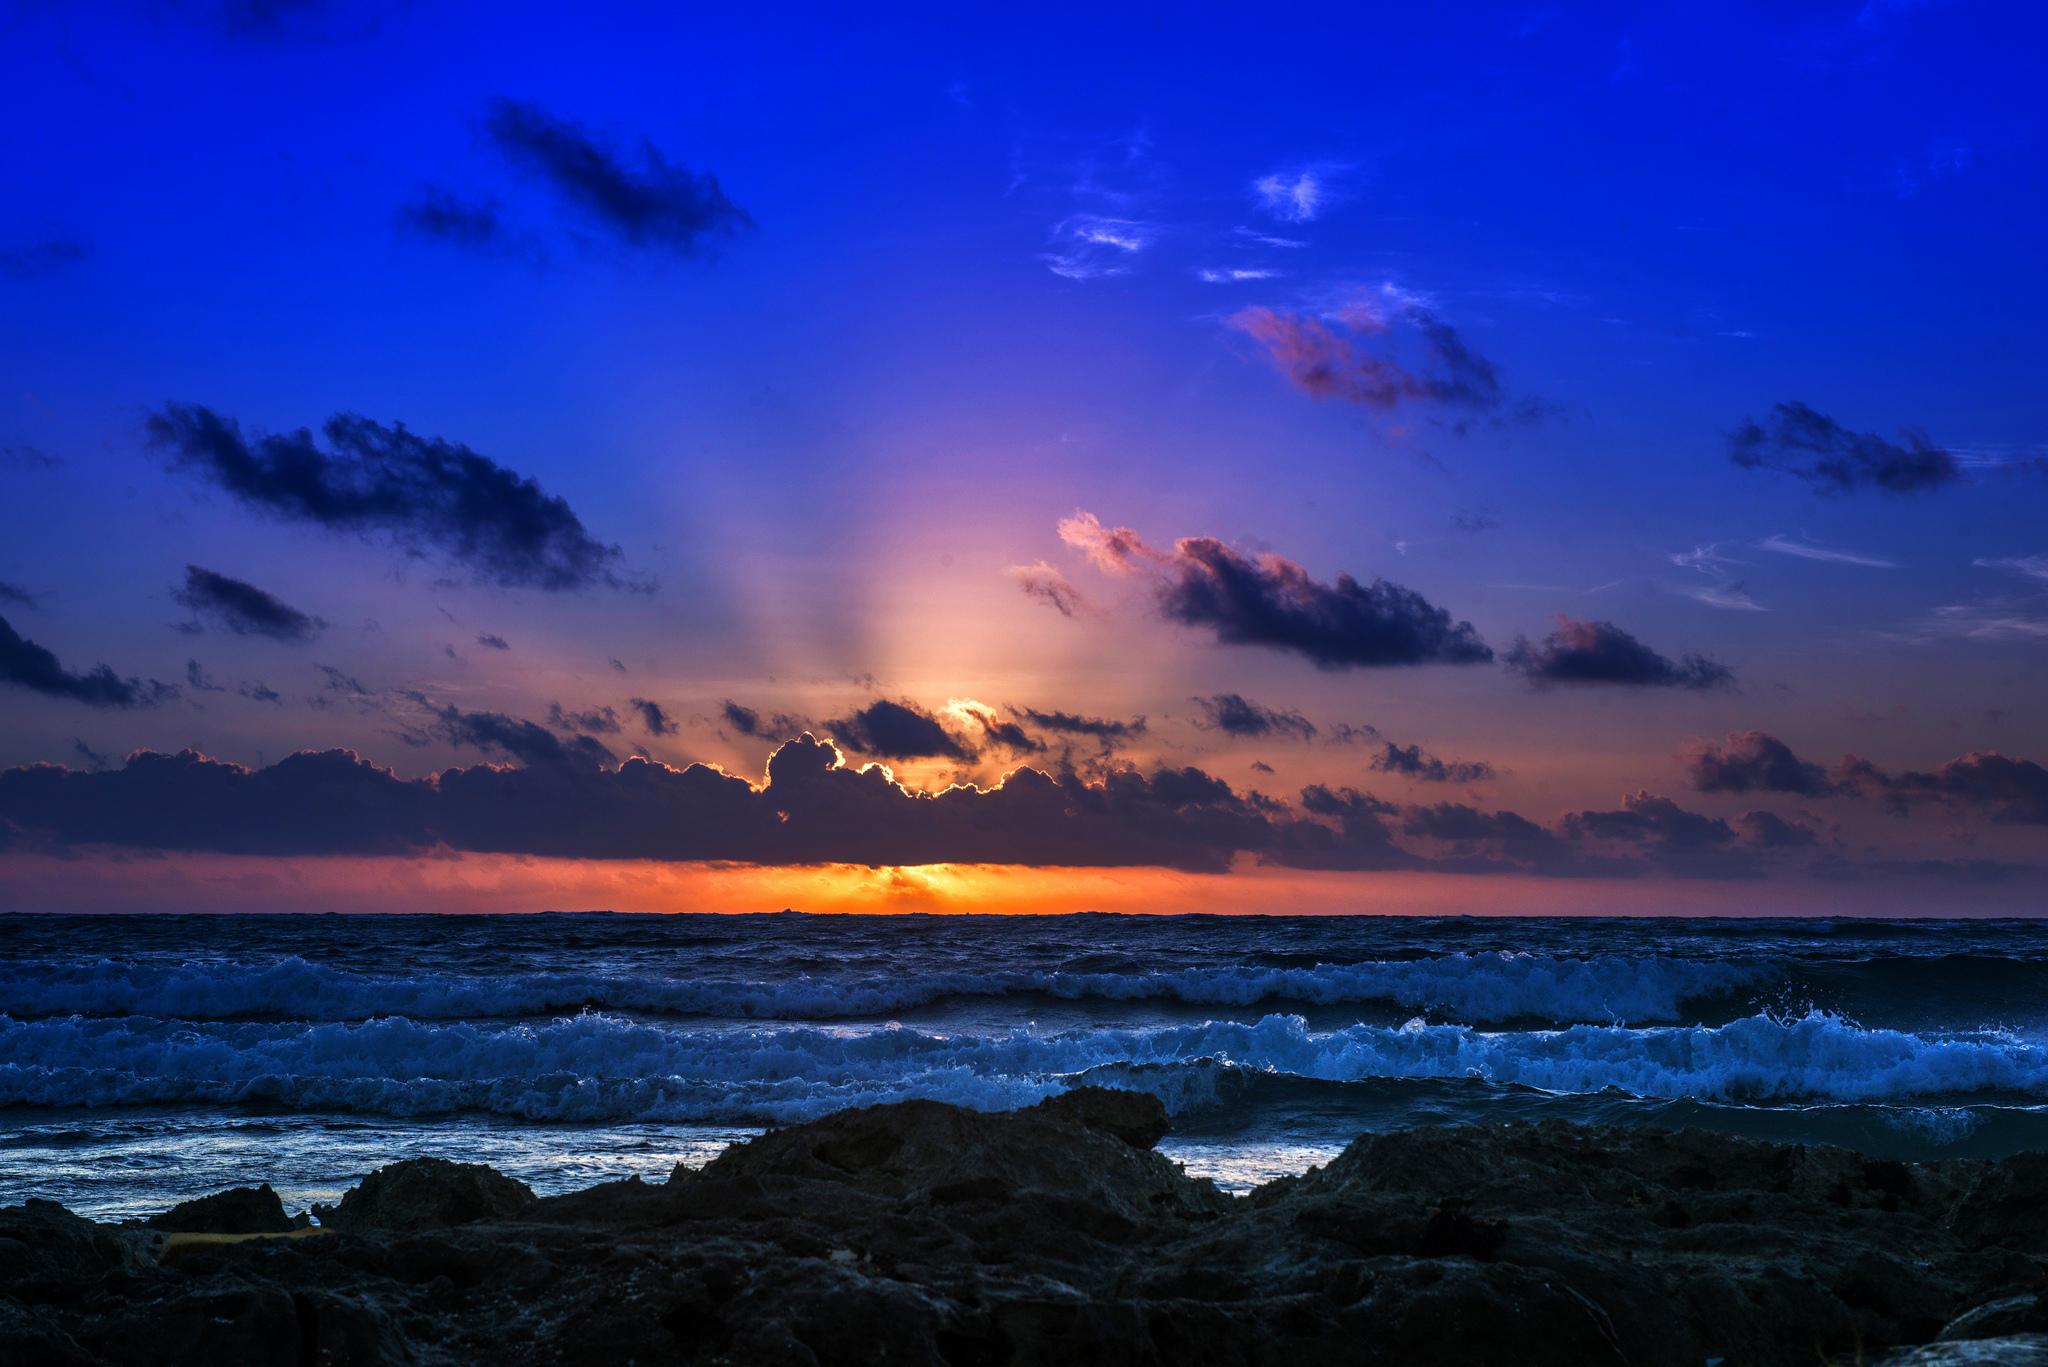 природа море горизонт небо закат  № 2493817 загрузить